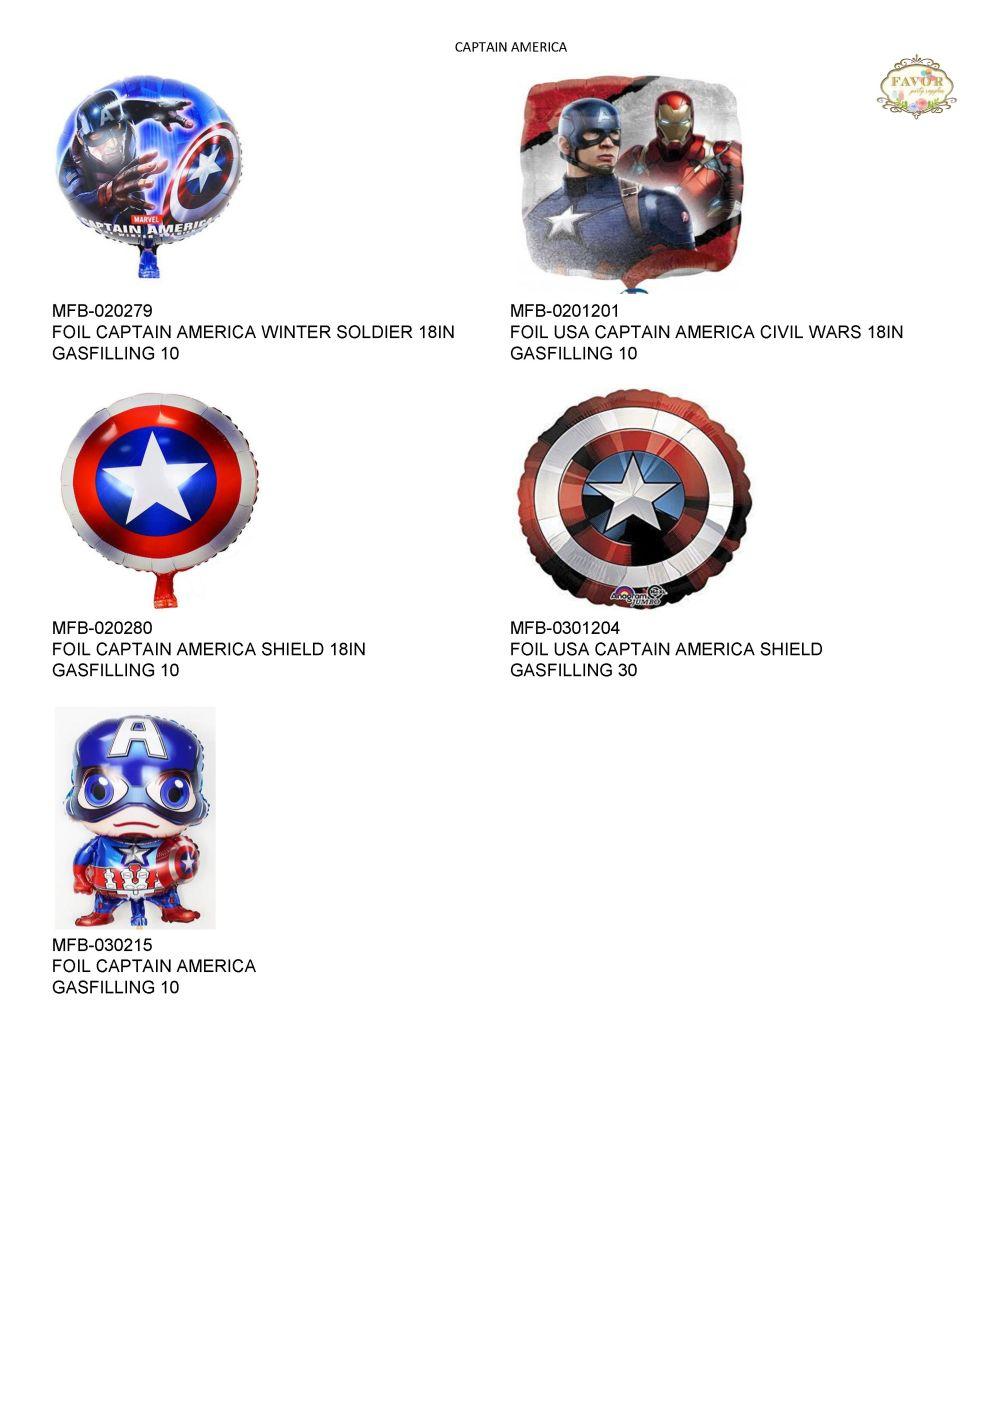 katalog capt america.jpg